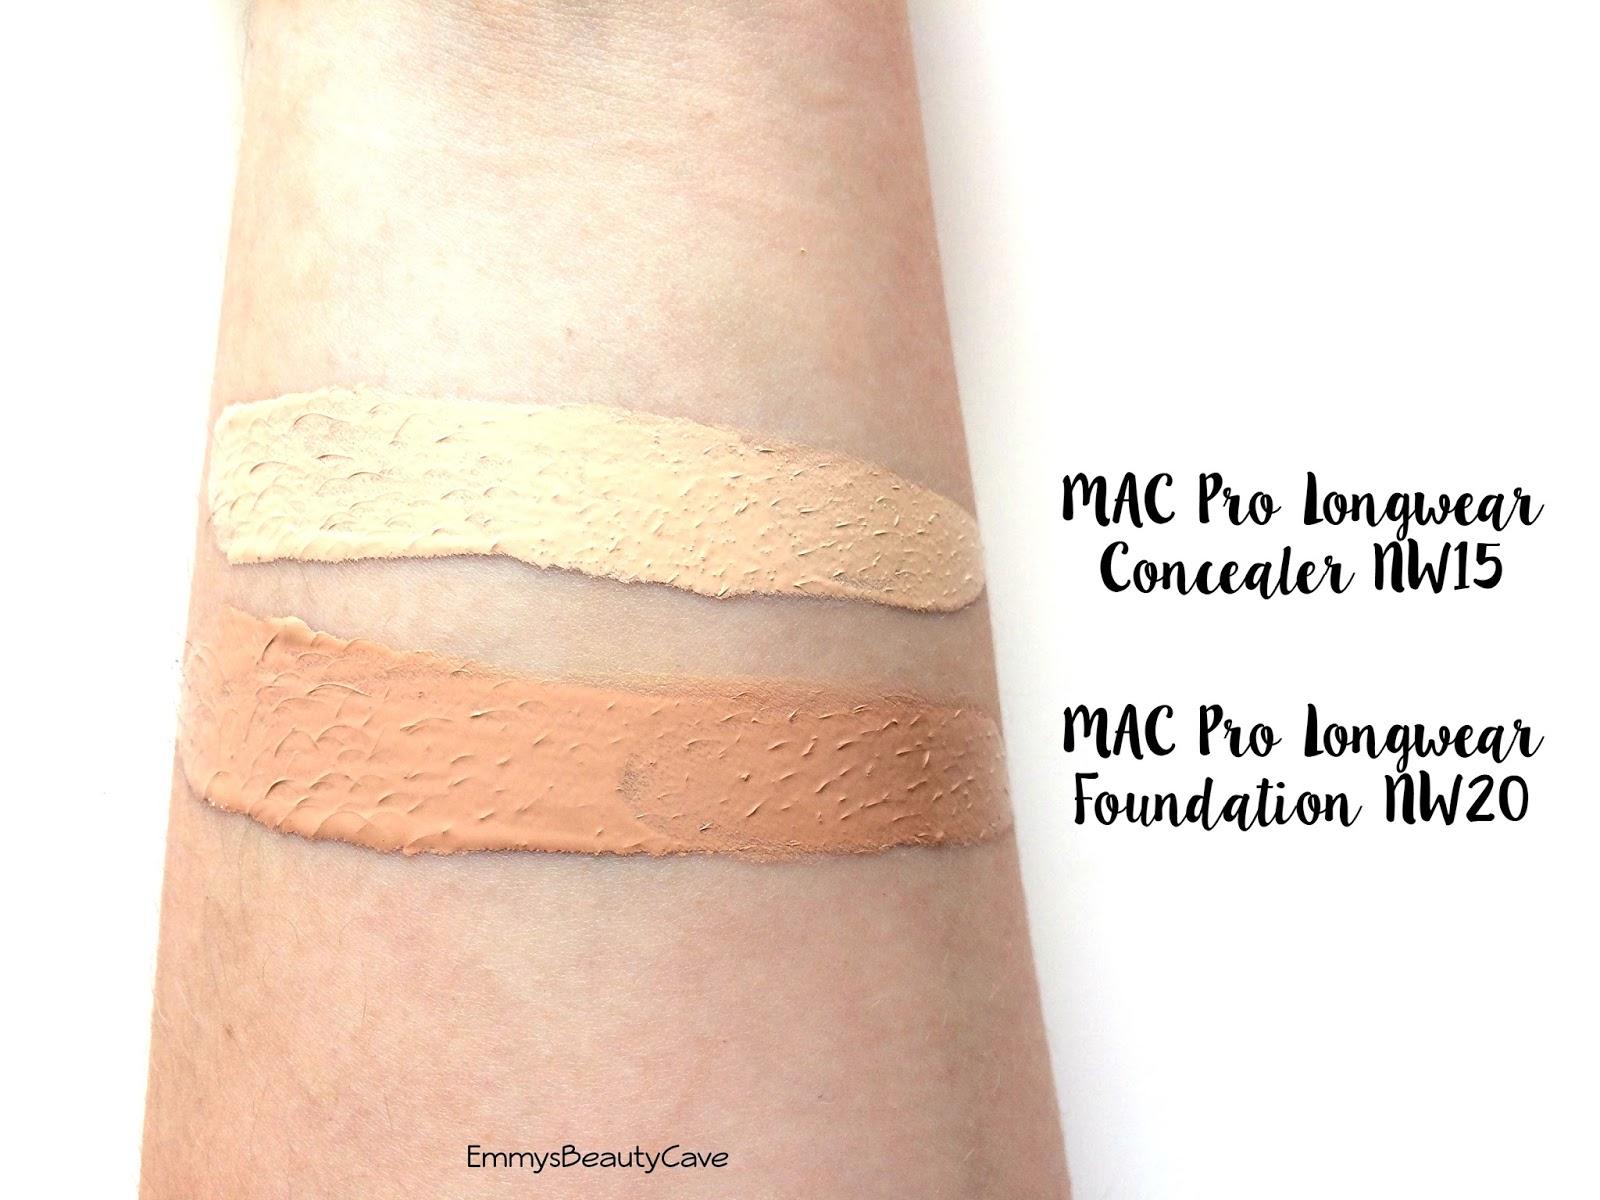 Pro Longwear Concealer by MAC #15